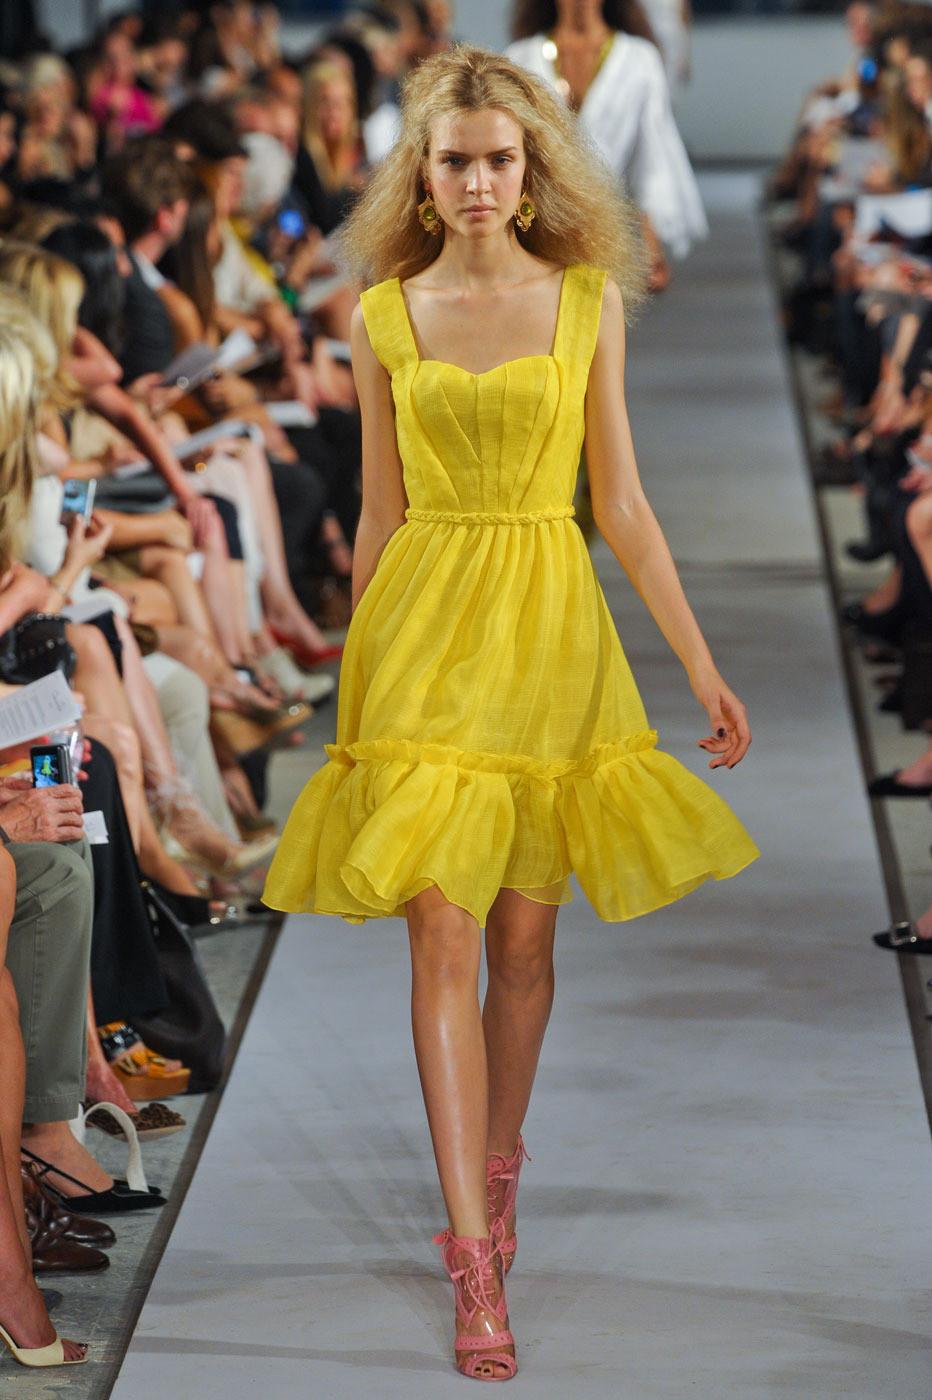 Oscar de la Renta Spring/Summer 2012